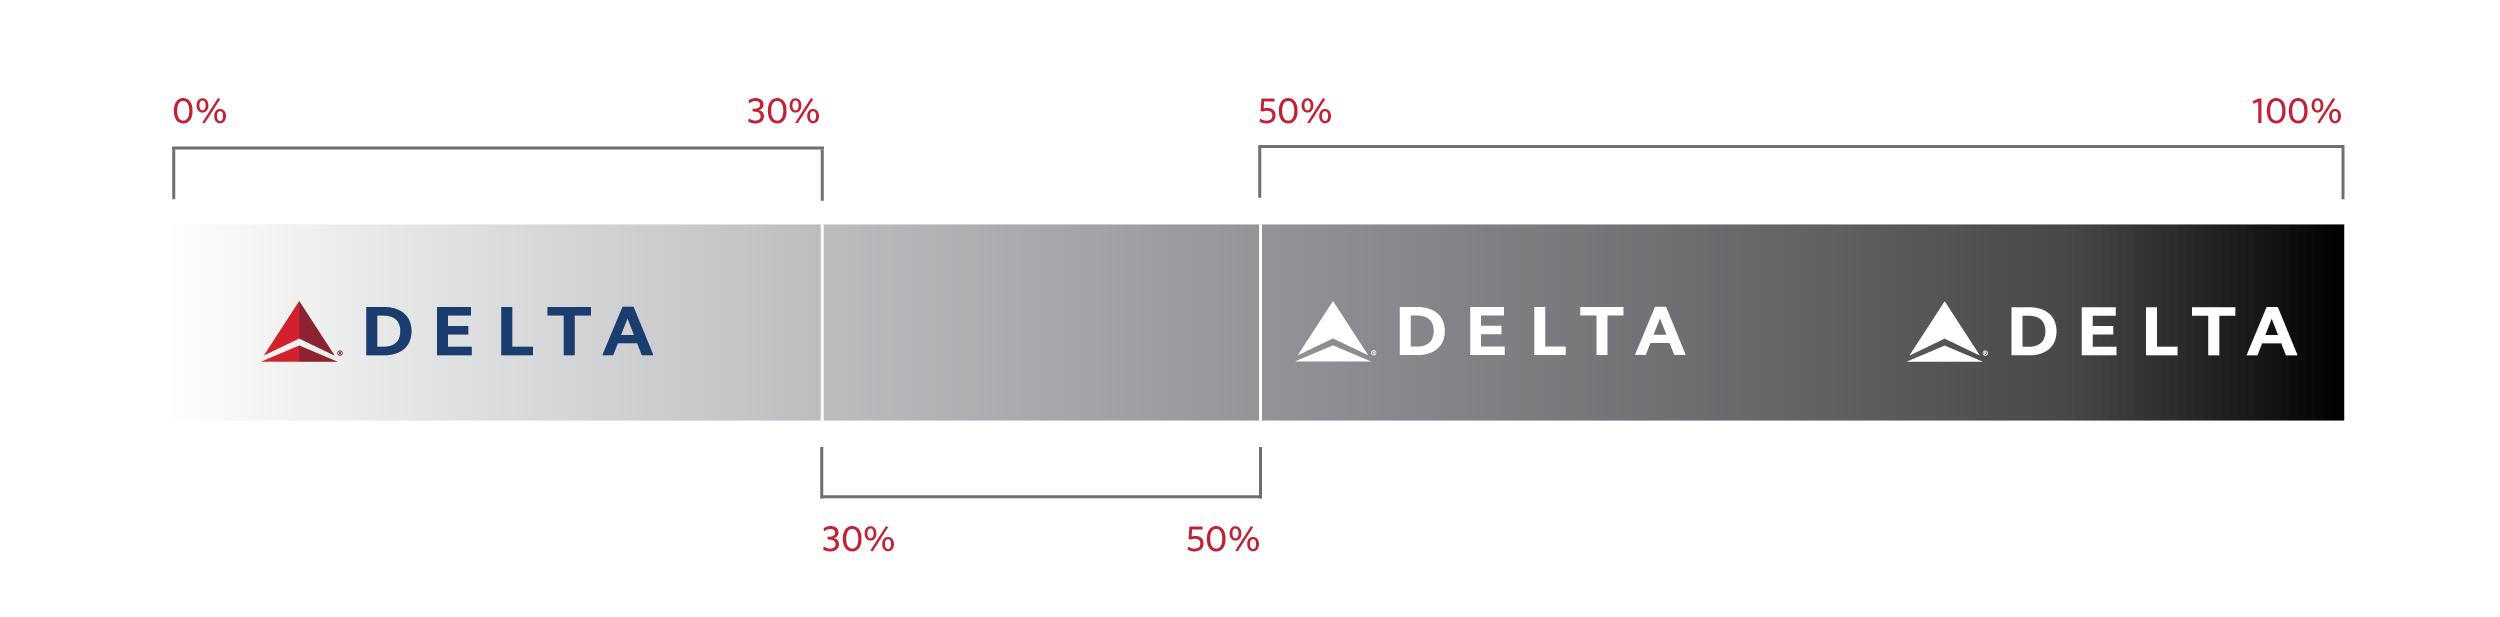 Delta Logos.